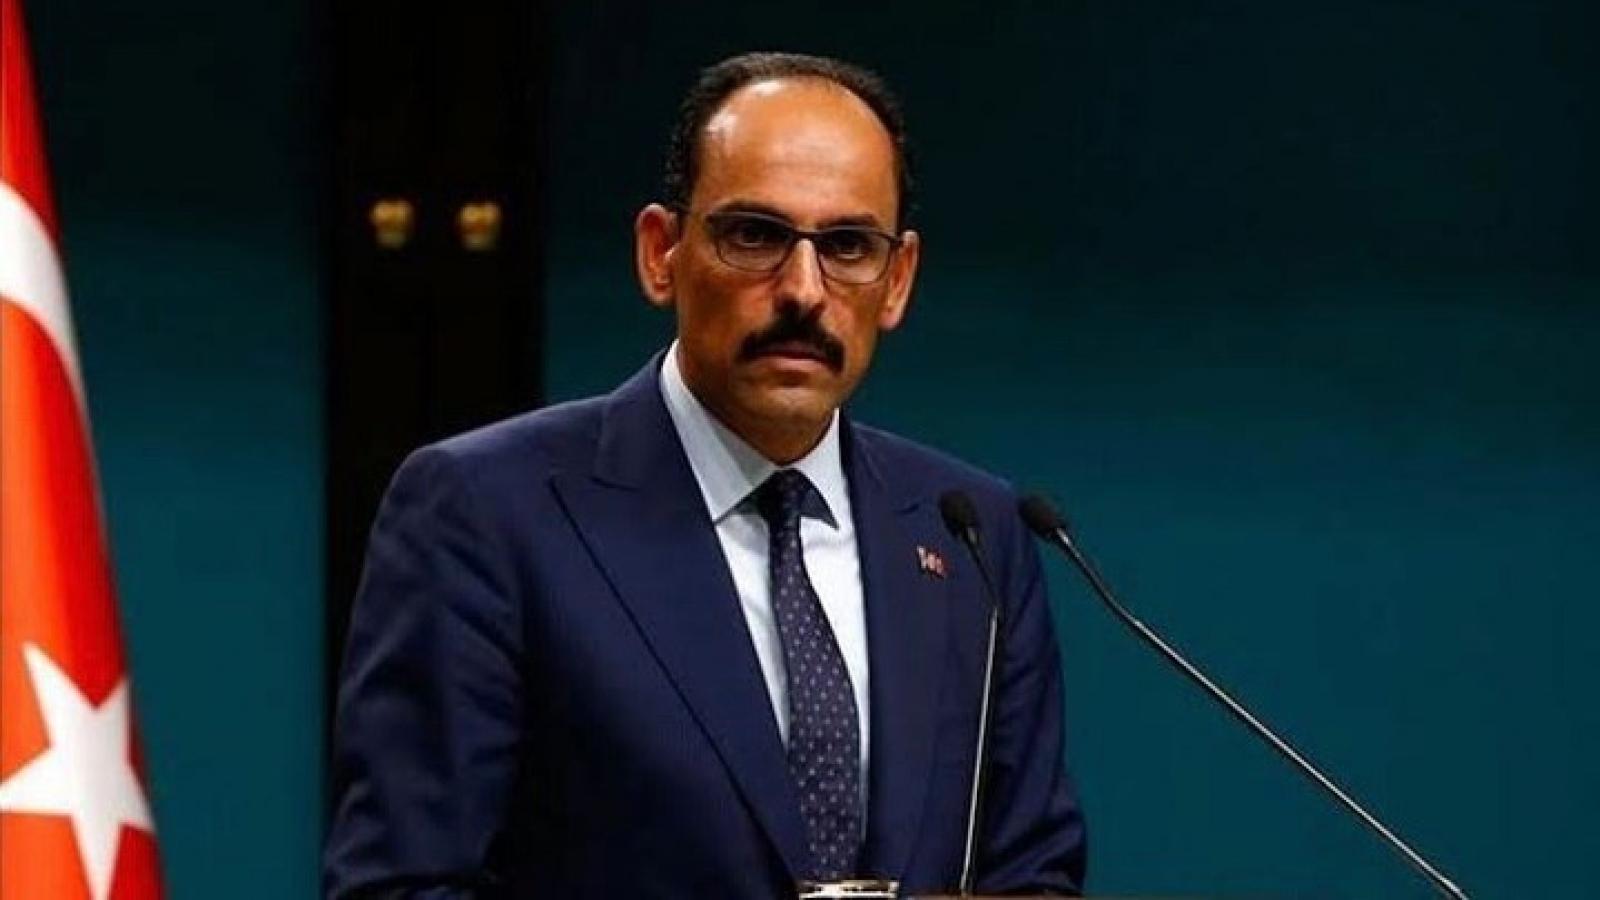 Động thái mới hạ nhiệt căng thẳng giữa Thổ Nhĩ Kỳ và Hi Lạp